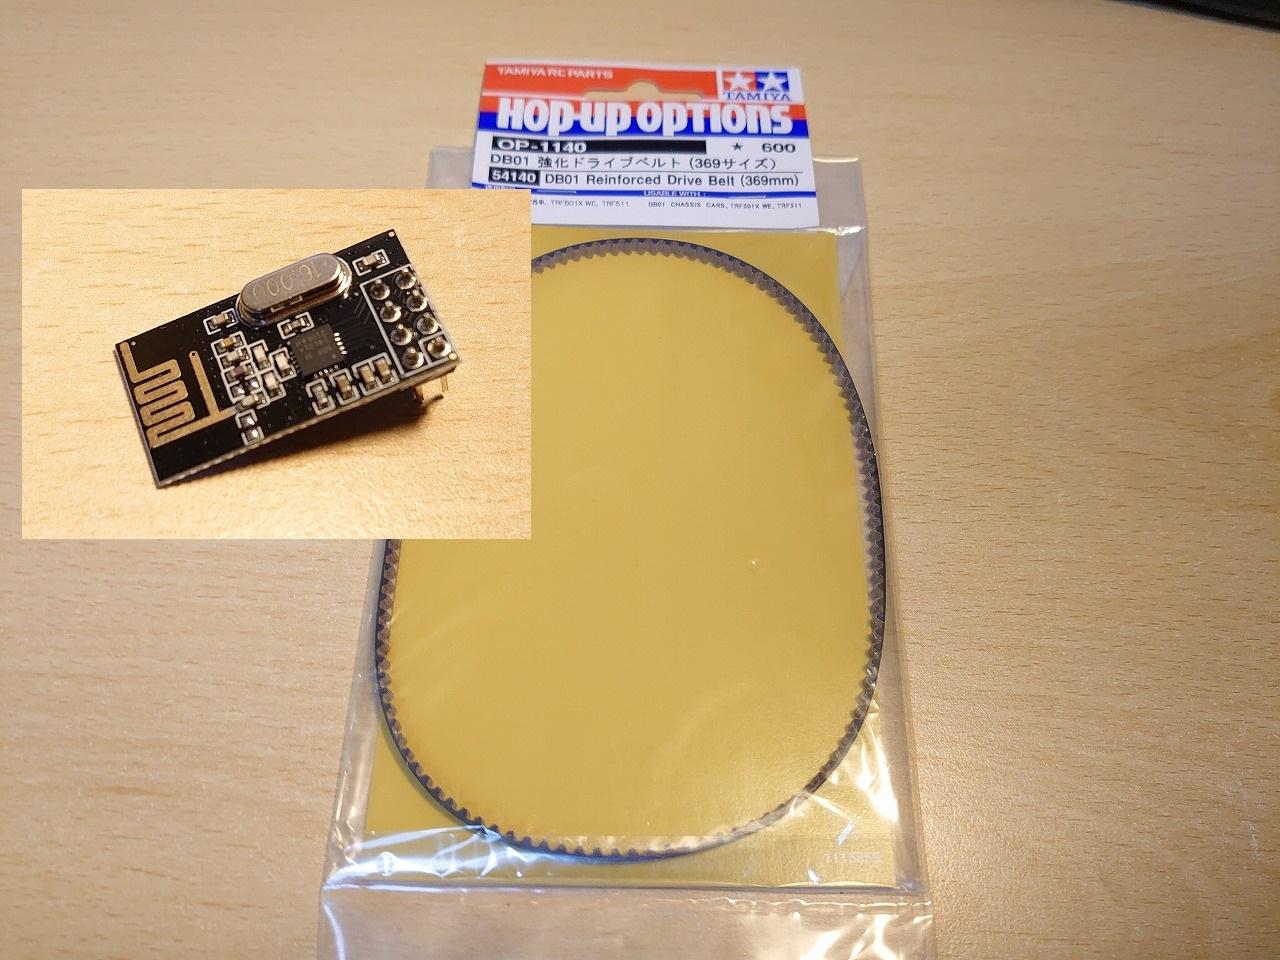 NRF24L01 2.4GHzワイヤレスモジュールとタミヤ ドライブベルトドライブベルト